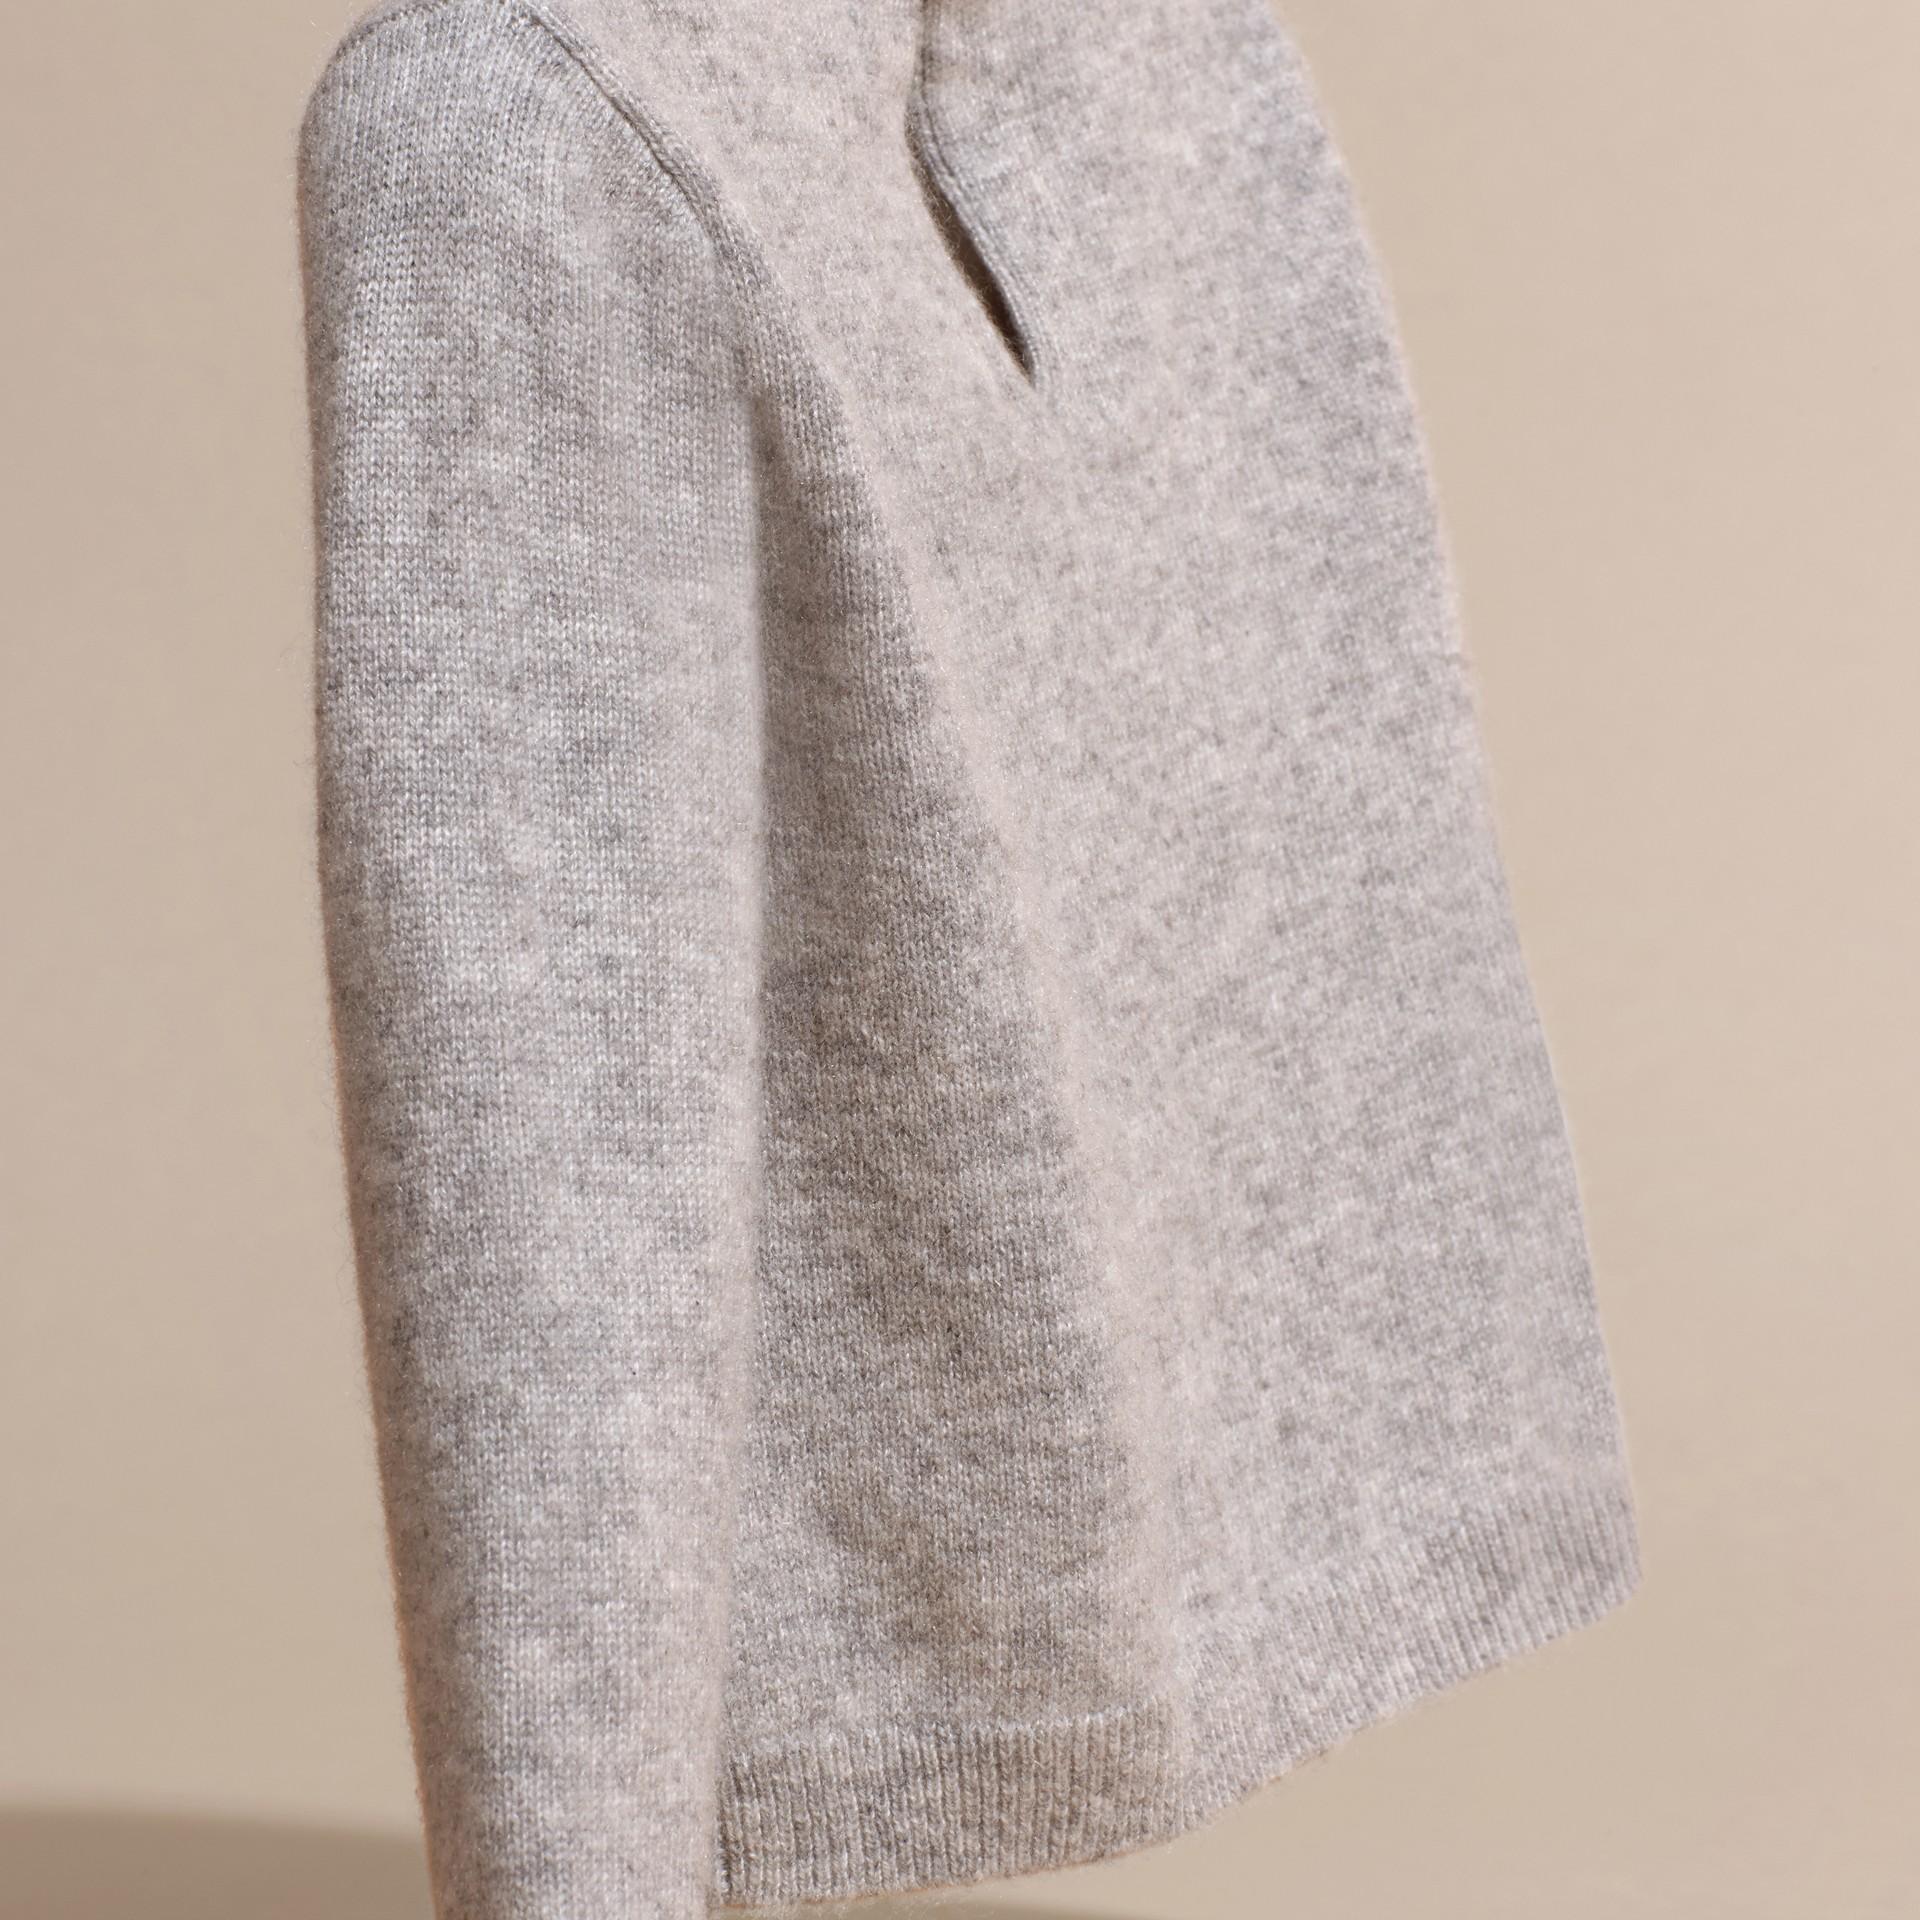 Grigio chiaro mélange Pullover in cashmere con gatto a intarsio - immagine della galleria 4